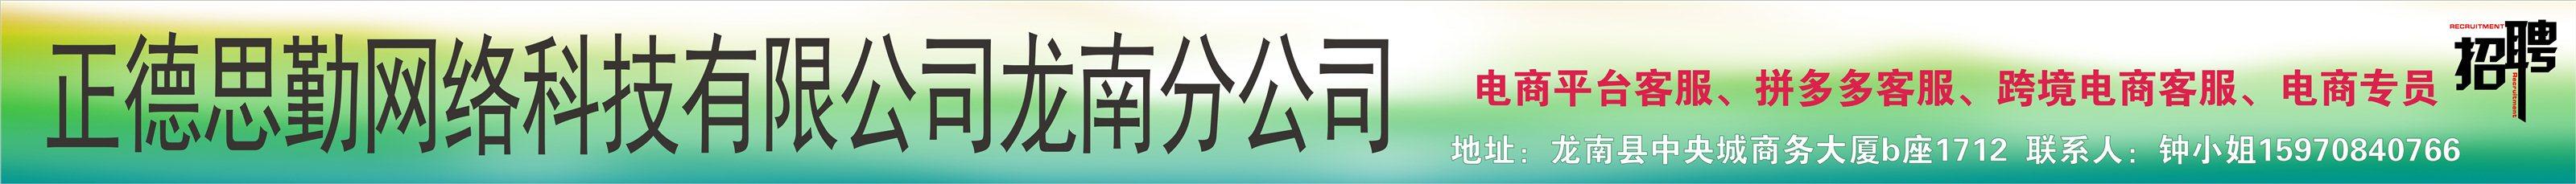 正德思勤網絡科技有限公司龍南分公司